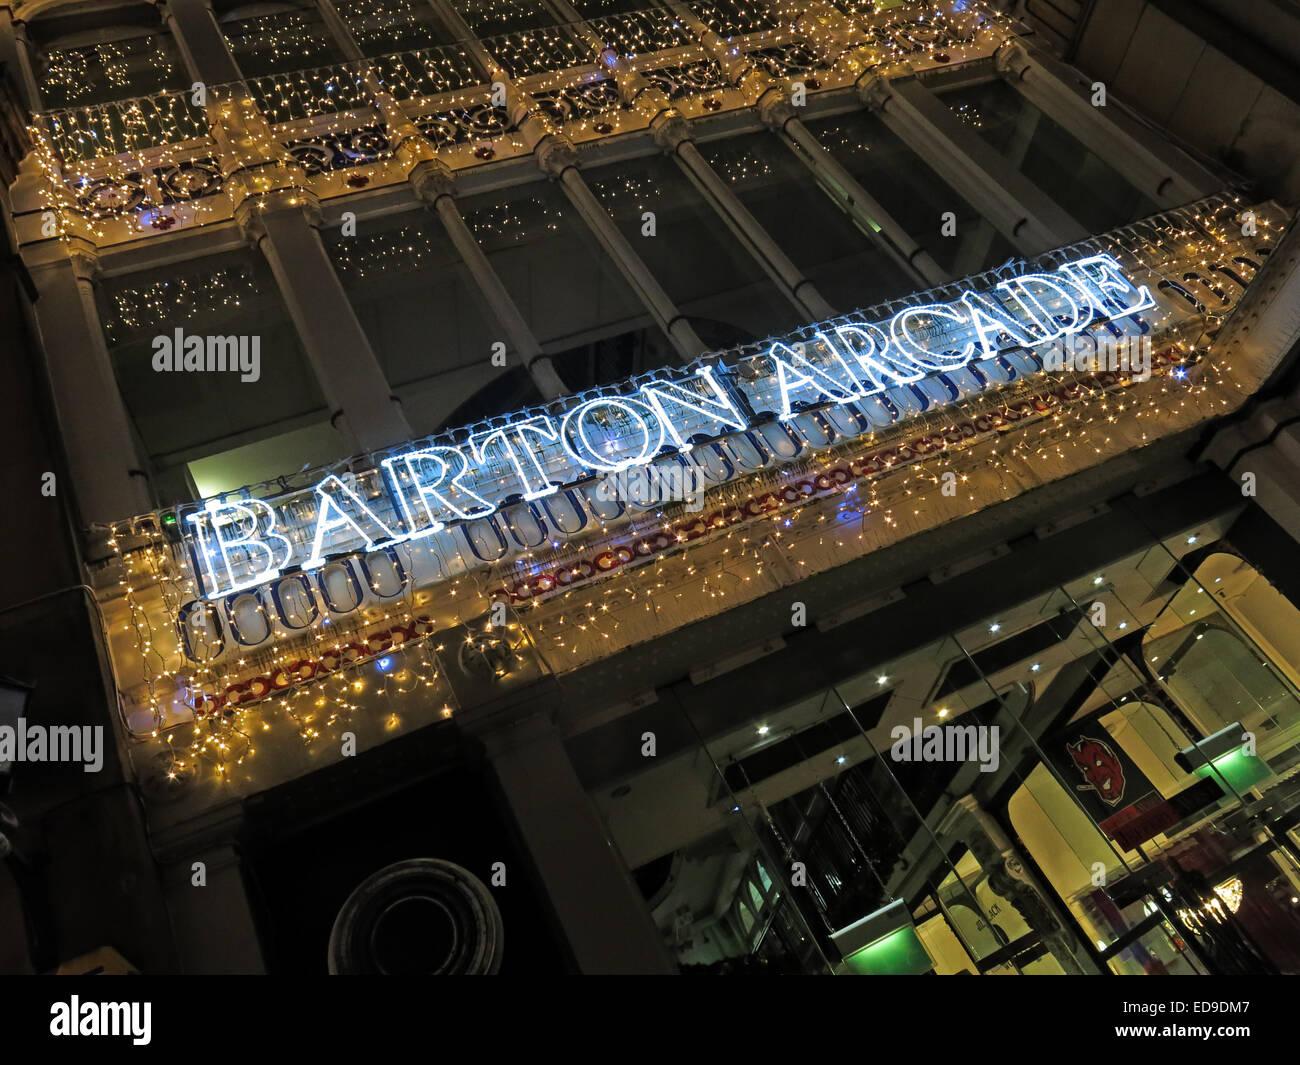 Laden Sie dieses Alamy Stockfoto Barton viktorianischen Einkaufspassage, Manchester an Weihnachten in der Nacht, mit Lichtern, England, UK - ED9DM7